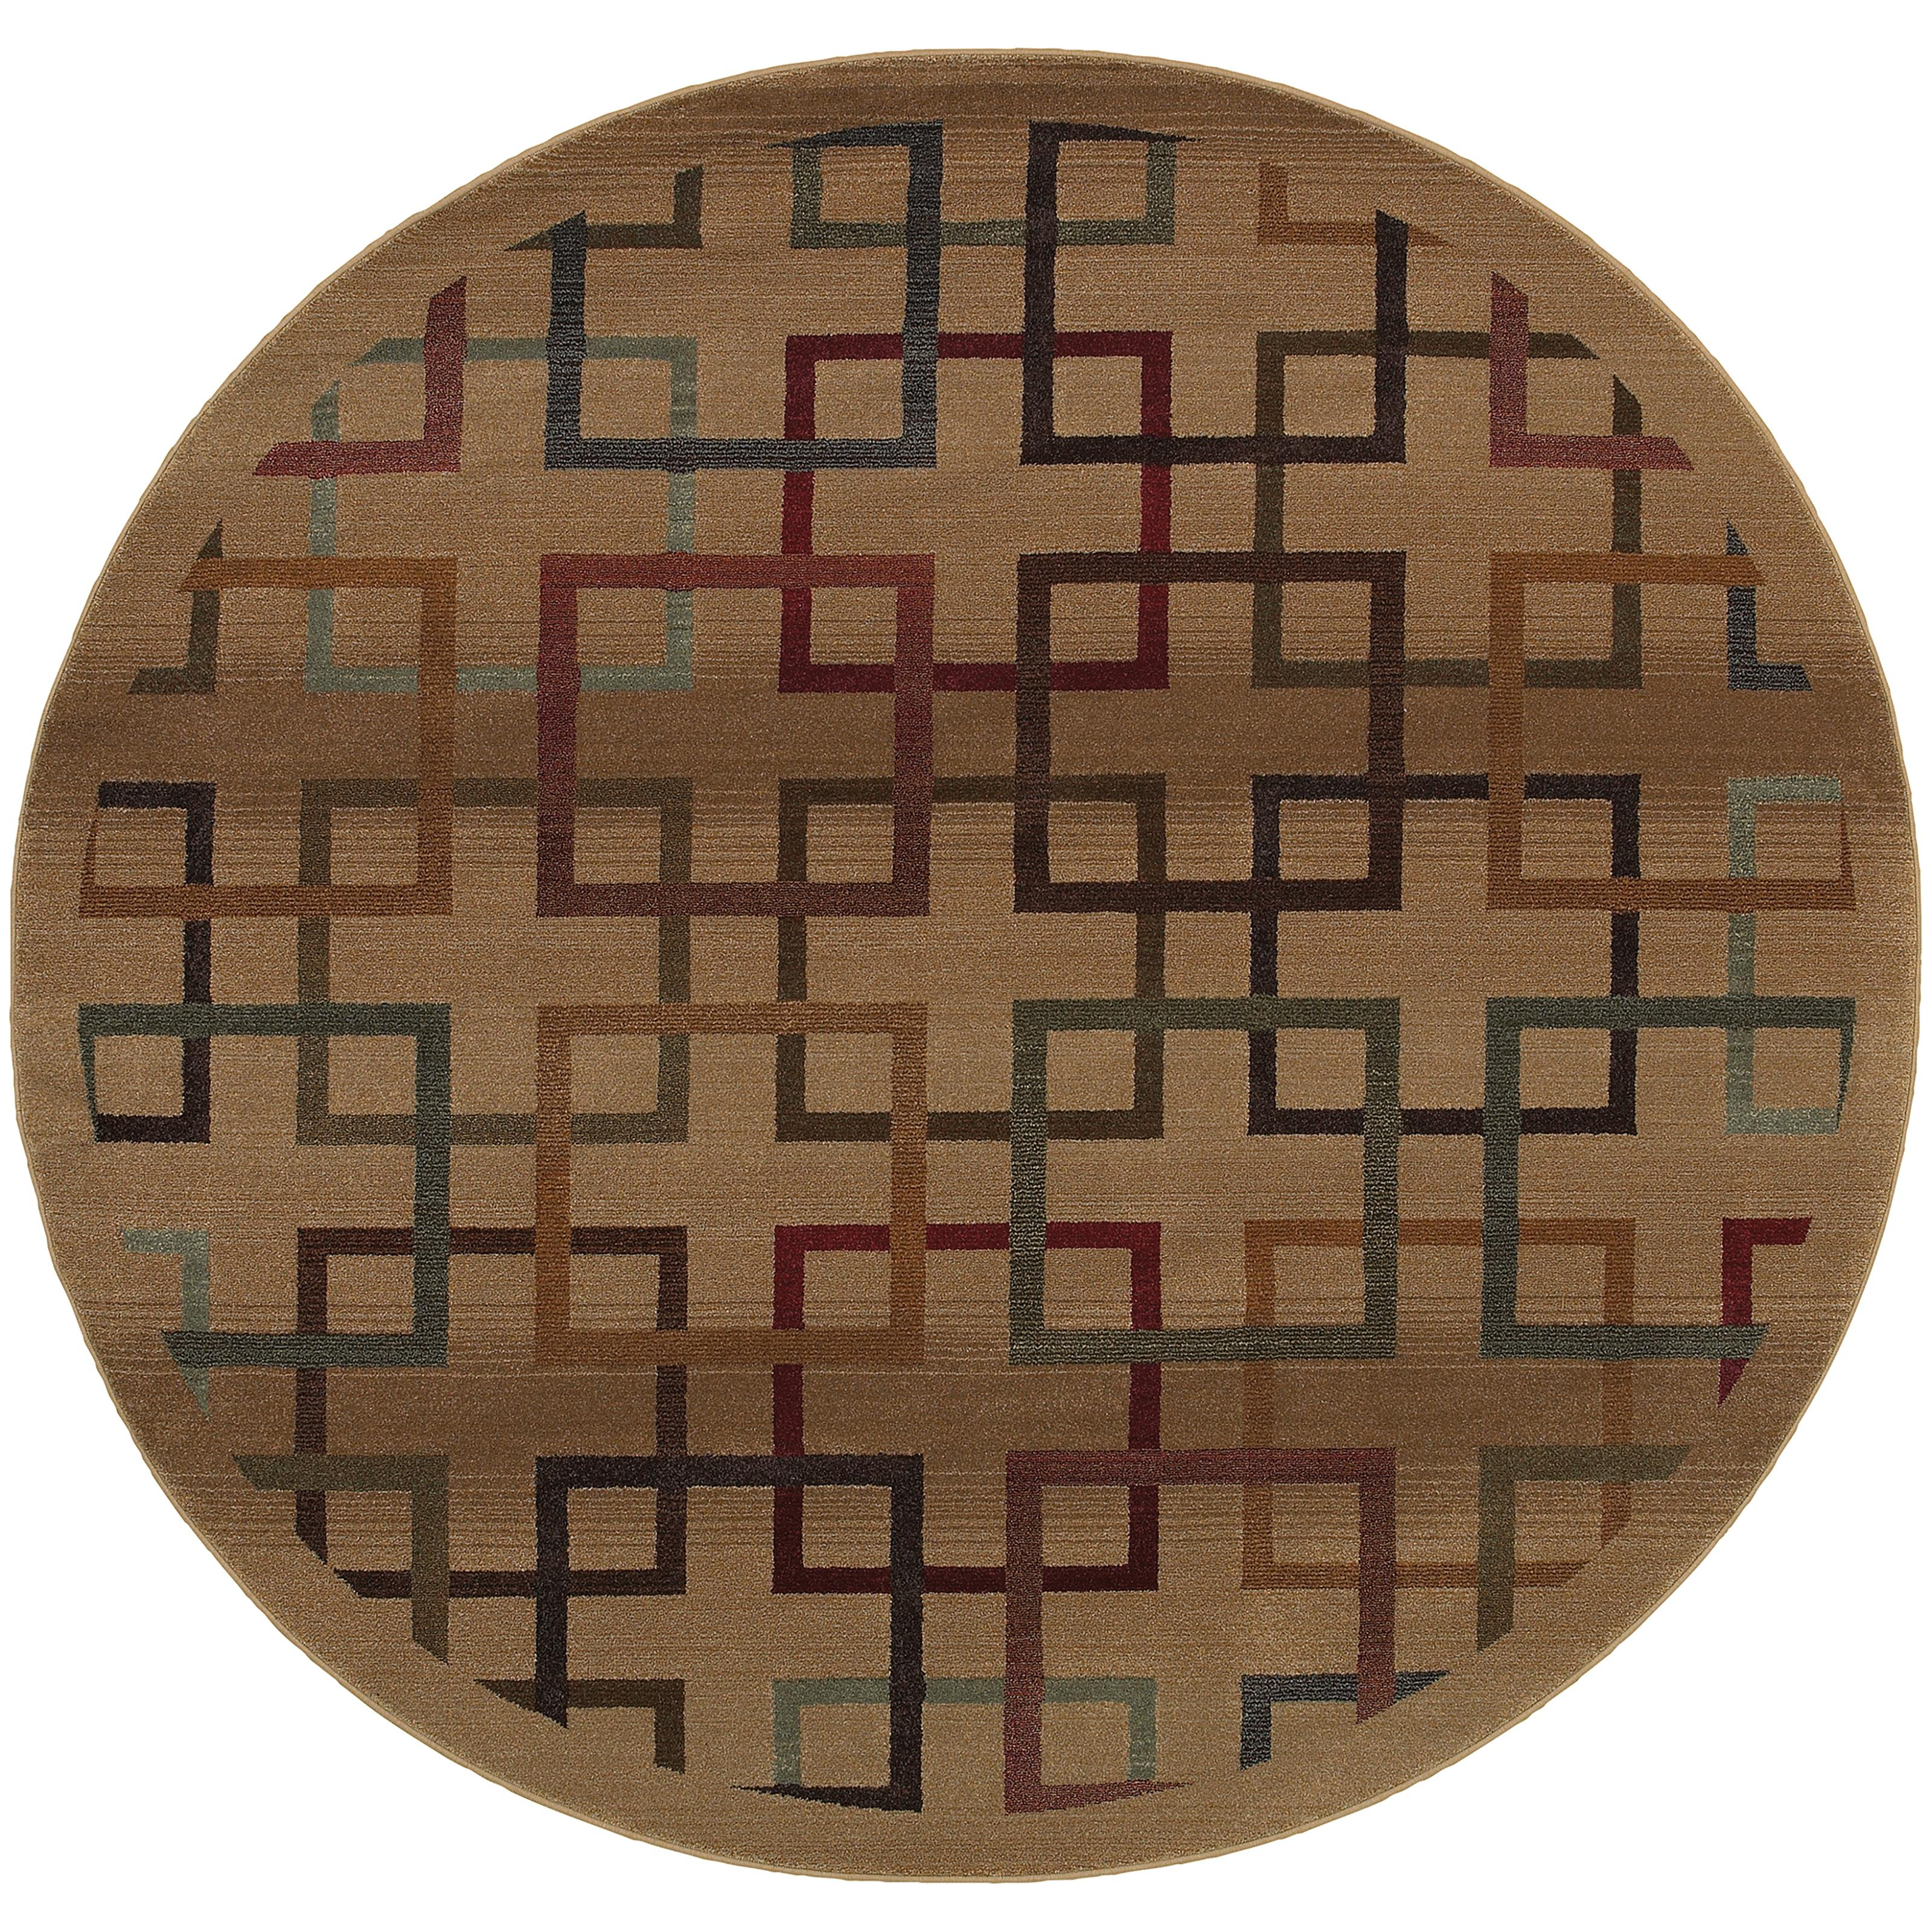 Oriental Weavers Genesis 6' Rug - Item Number: G096J1180180ST